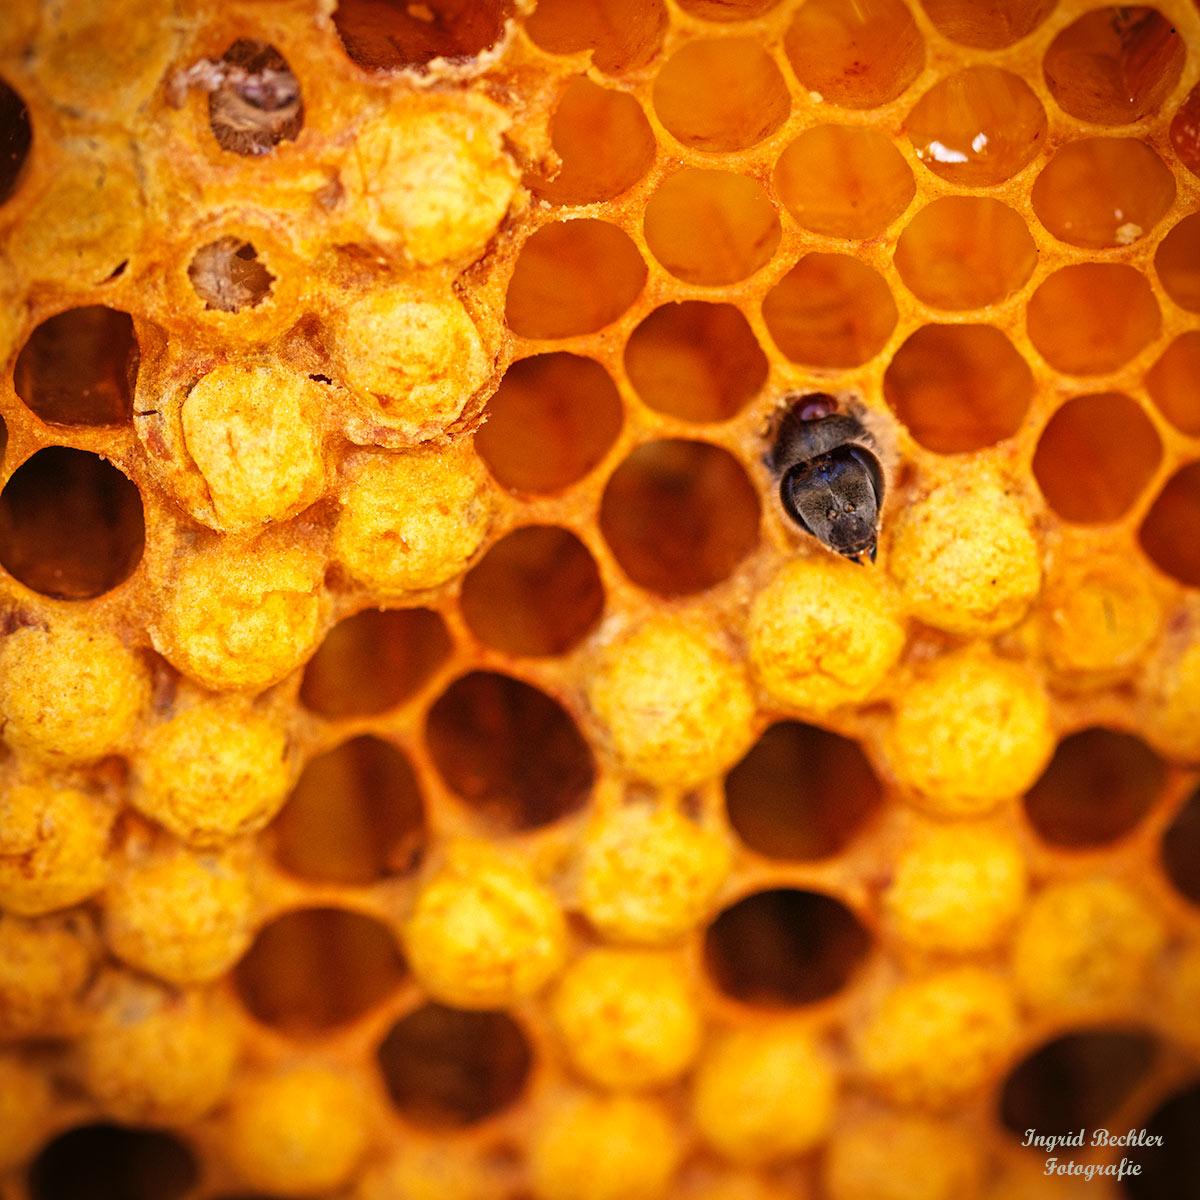 Die Zellen mit Pollen befinden sich dicht an den Brutzellen (Foto: Ingrid Bechler)